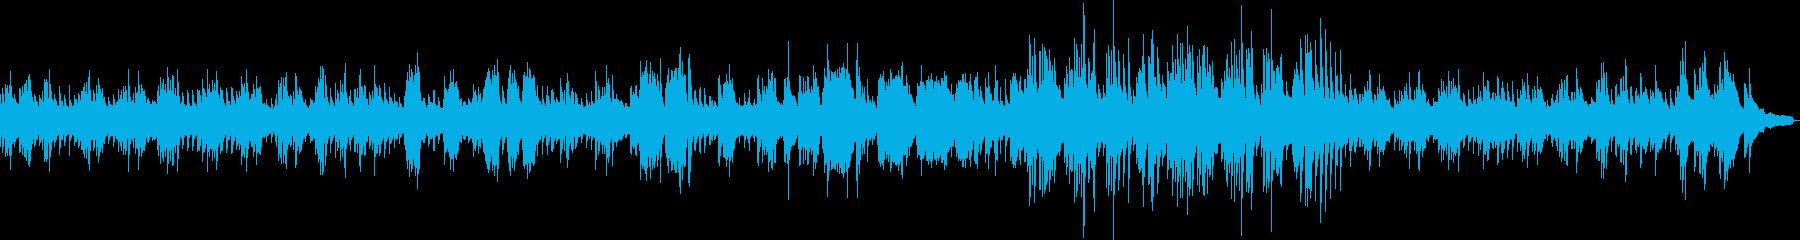 暗いジャズ風のソロピアノの再生済みの波形